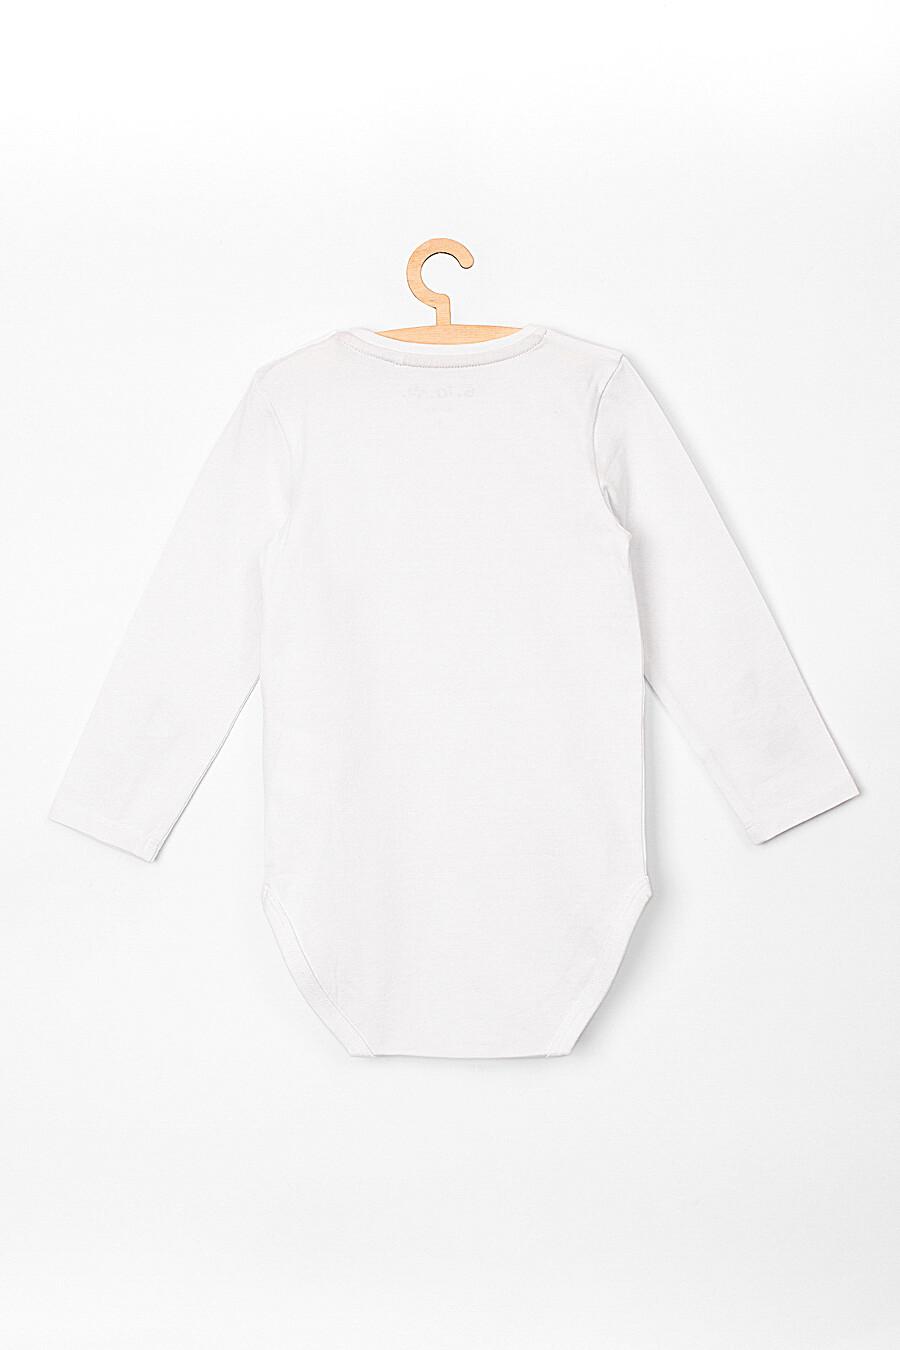 Боди для мальчиков 5.10.15 218412 купить оптом от производителя. Совместная покупка детской одежды в OptMoyo